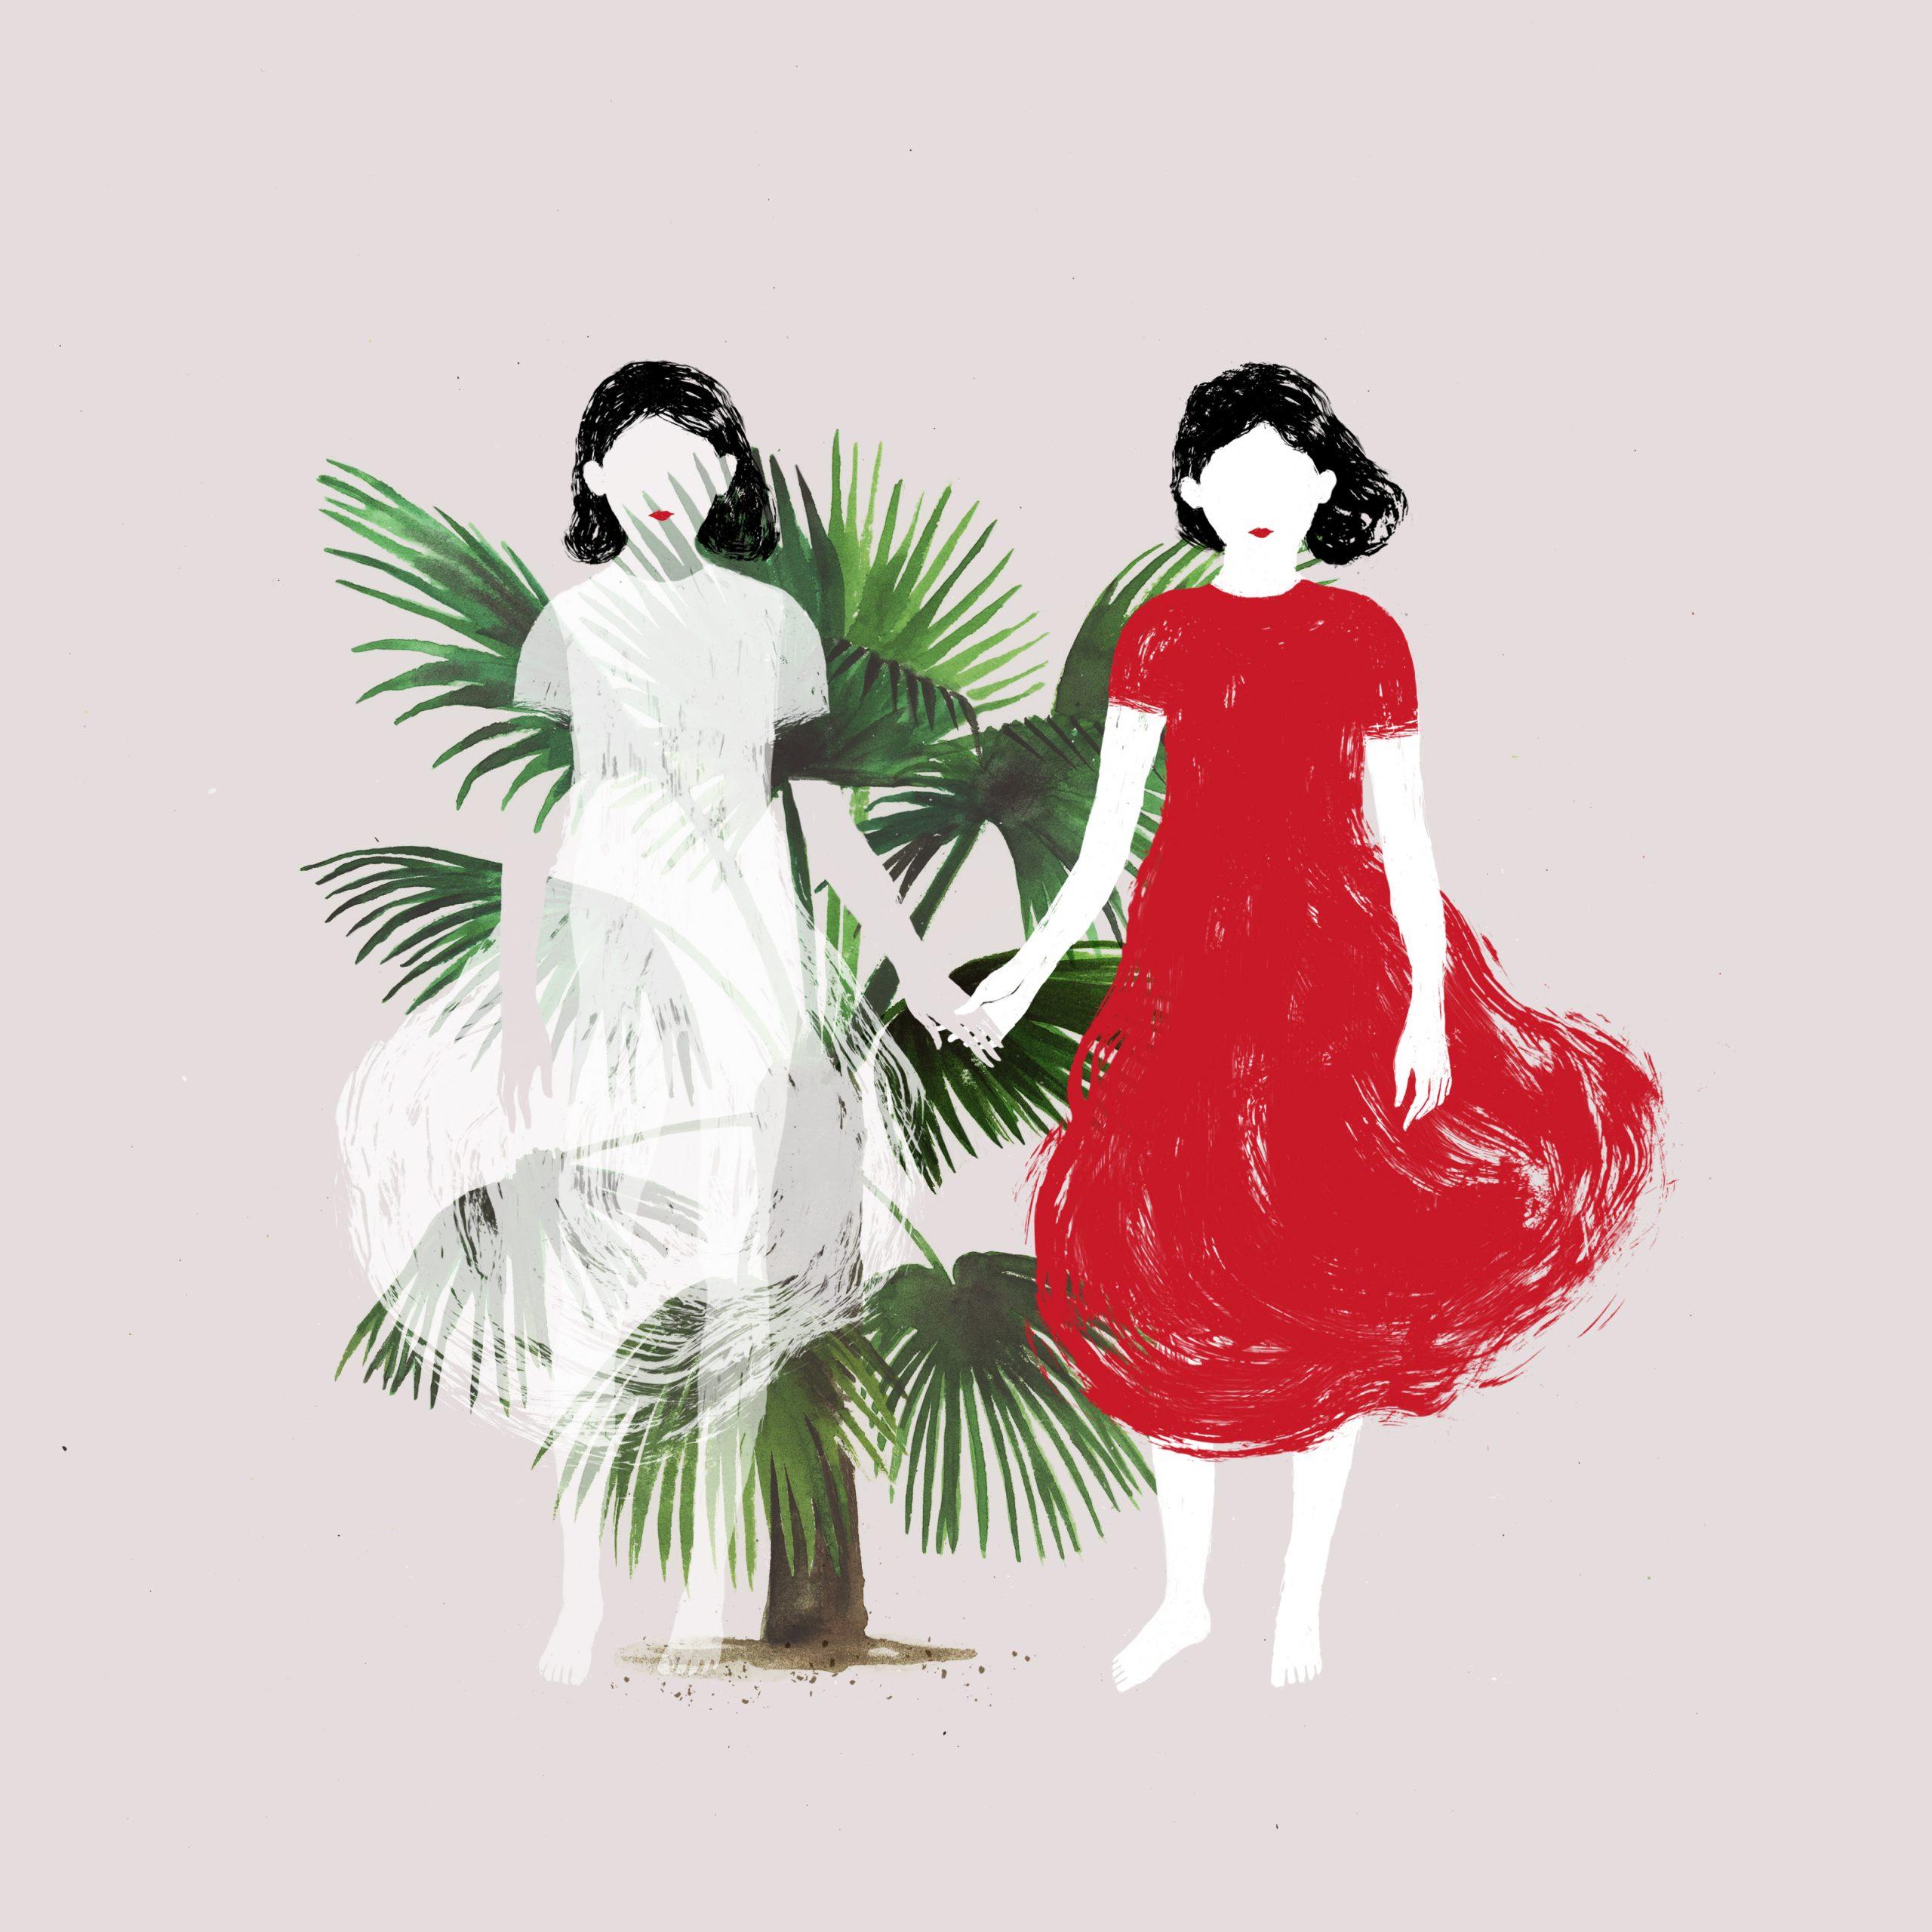 Impressioni - Elisa Talentino - Laboratorio di illustrazione